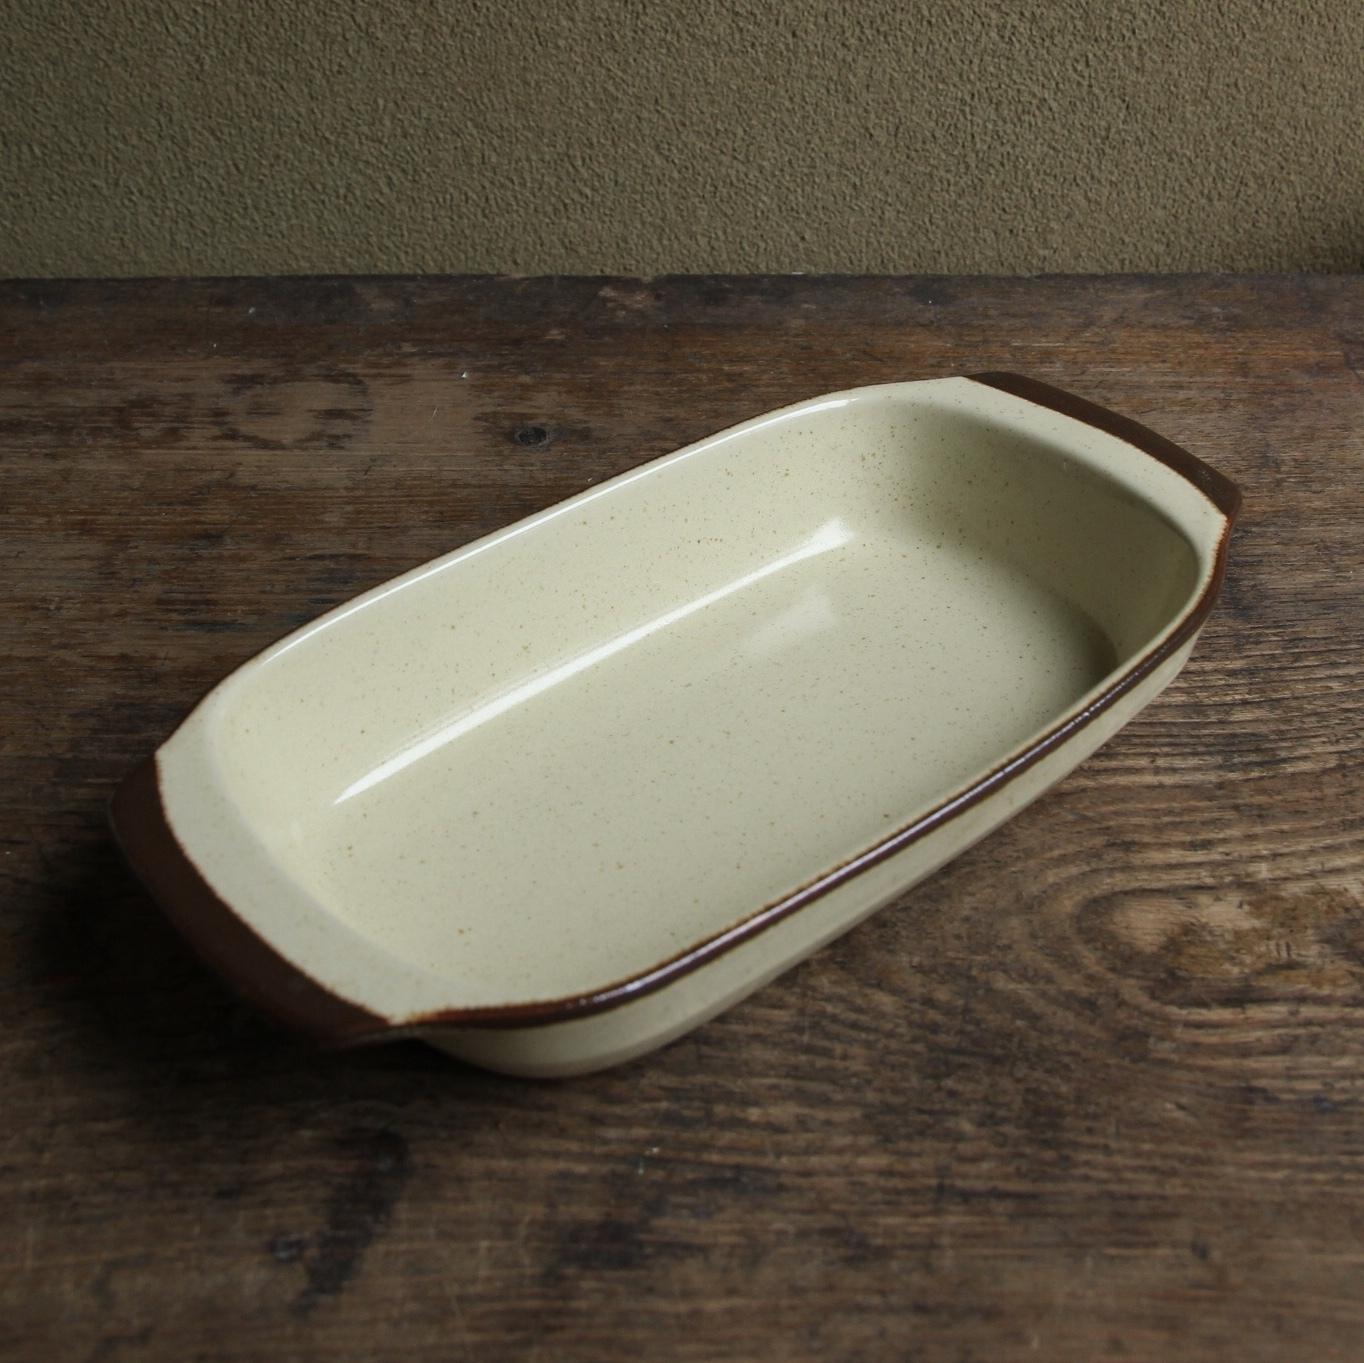 アポロ ストーンウェア グラタン皿 在庫3枚